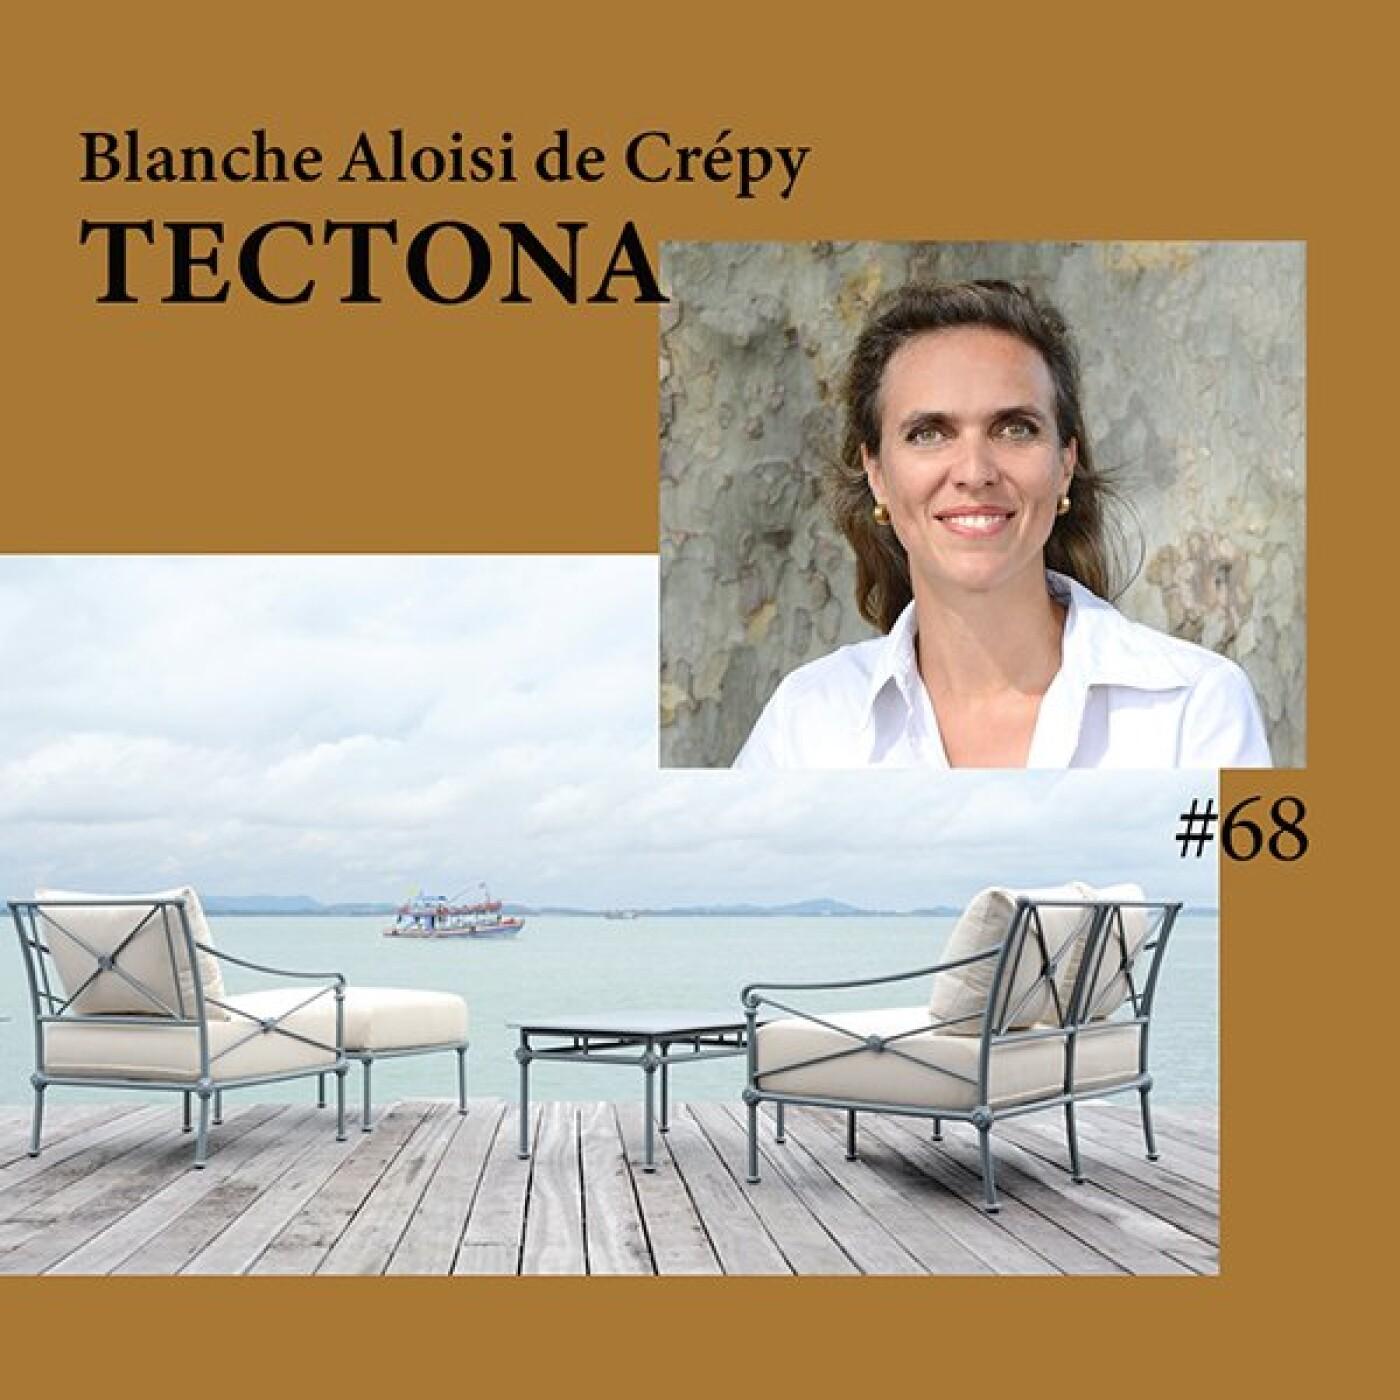 #68 Blanche Aloisi de Crépy / TECTONA, l'élégance à la française